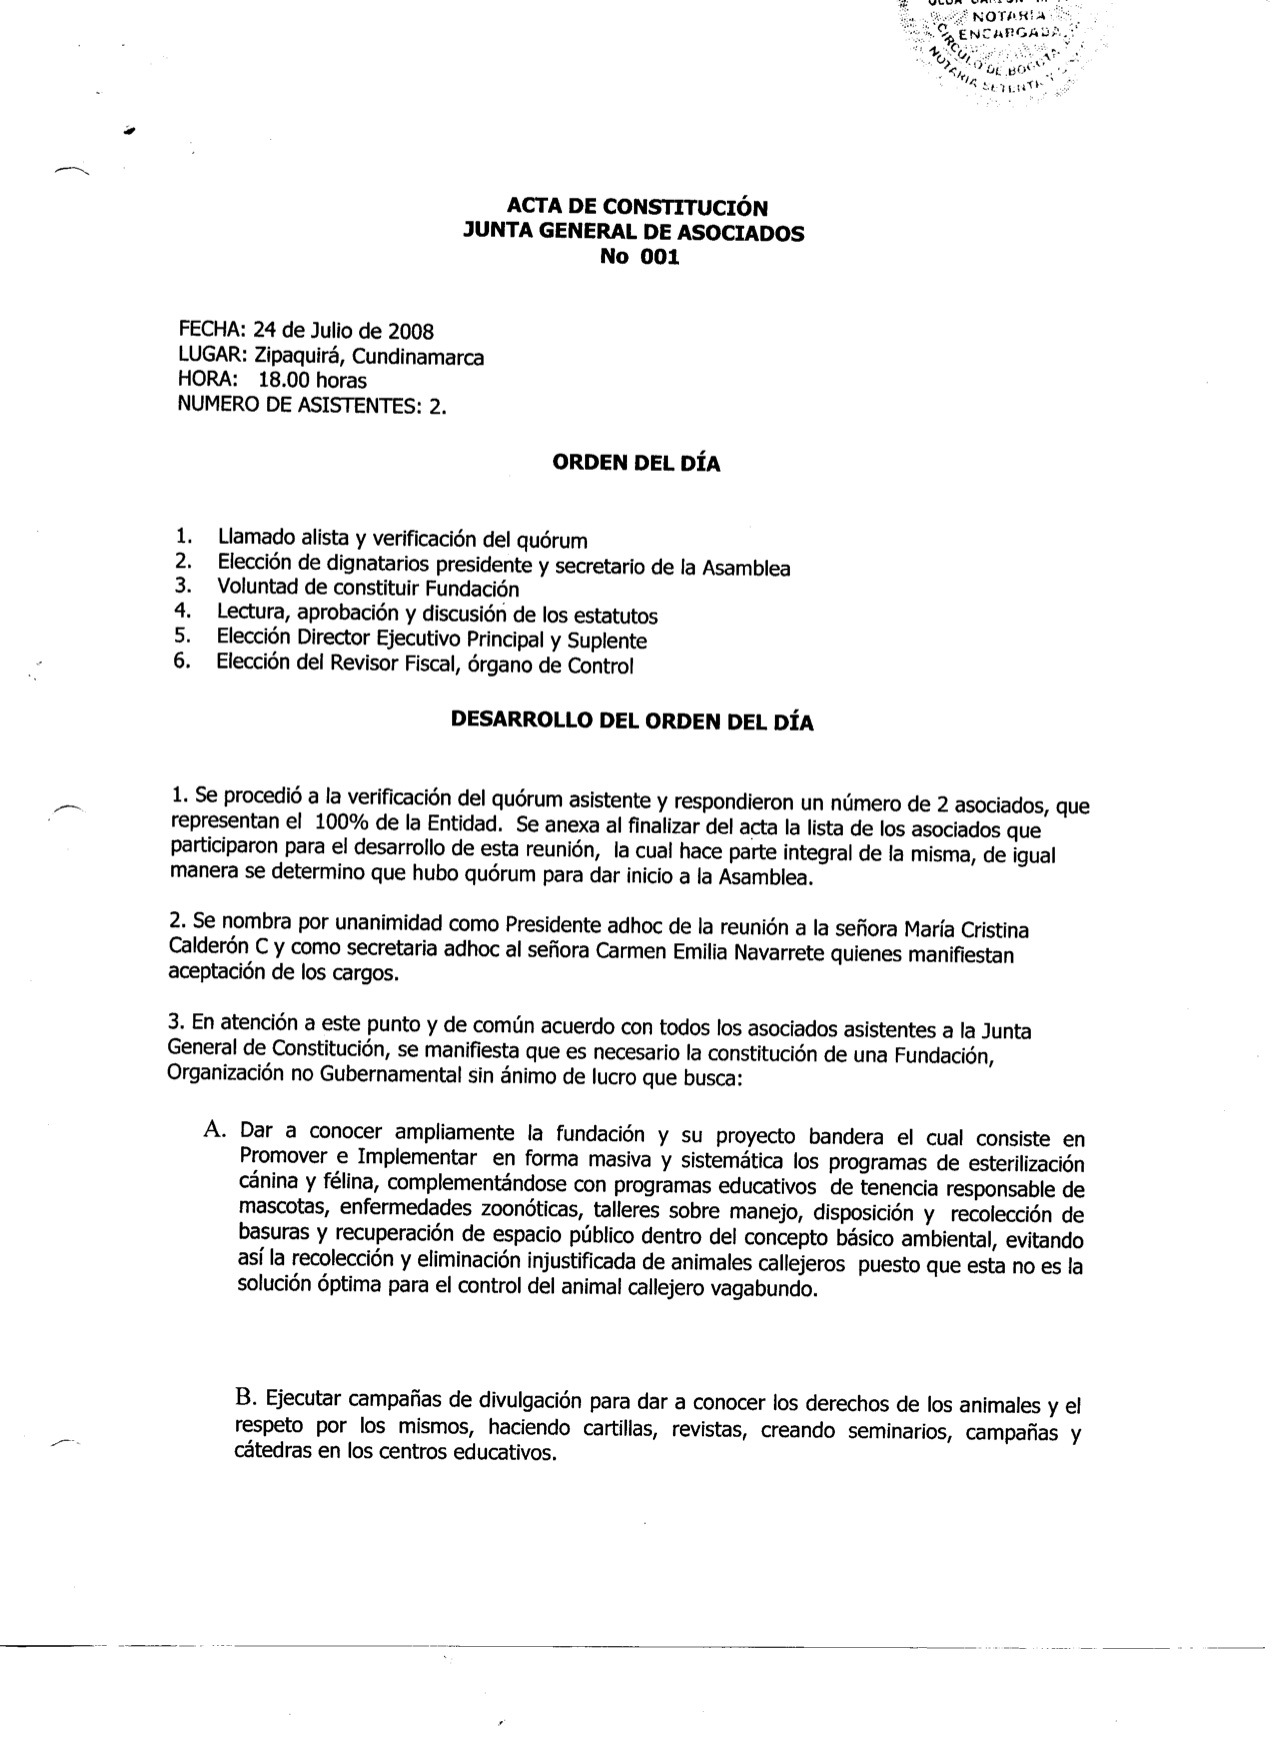 ACTA DE CONSTITUCION JUNTA DE ASOCIADOS N. 001-2 1